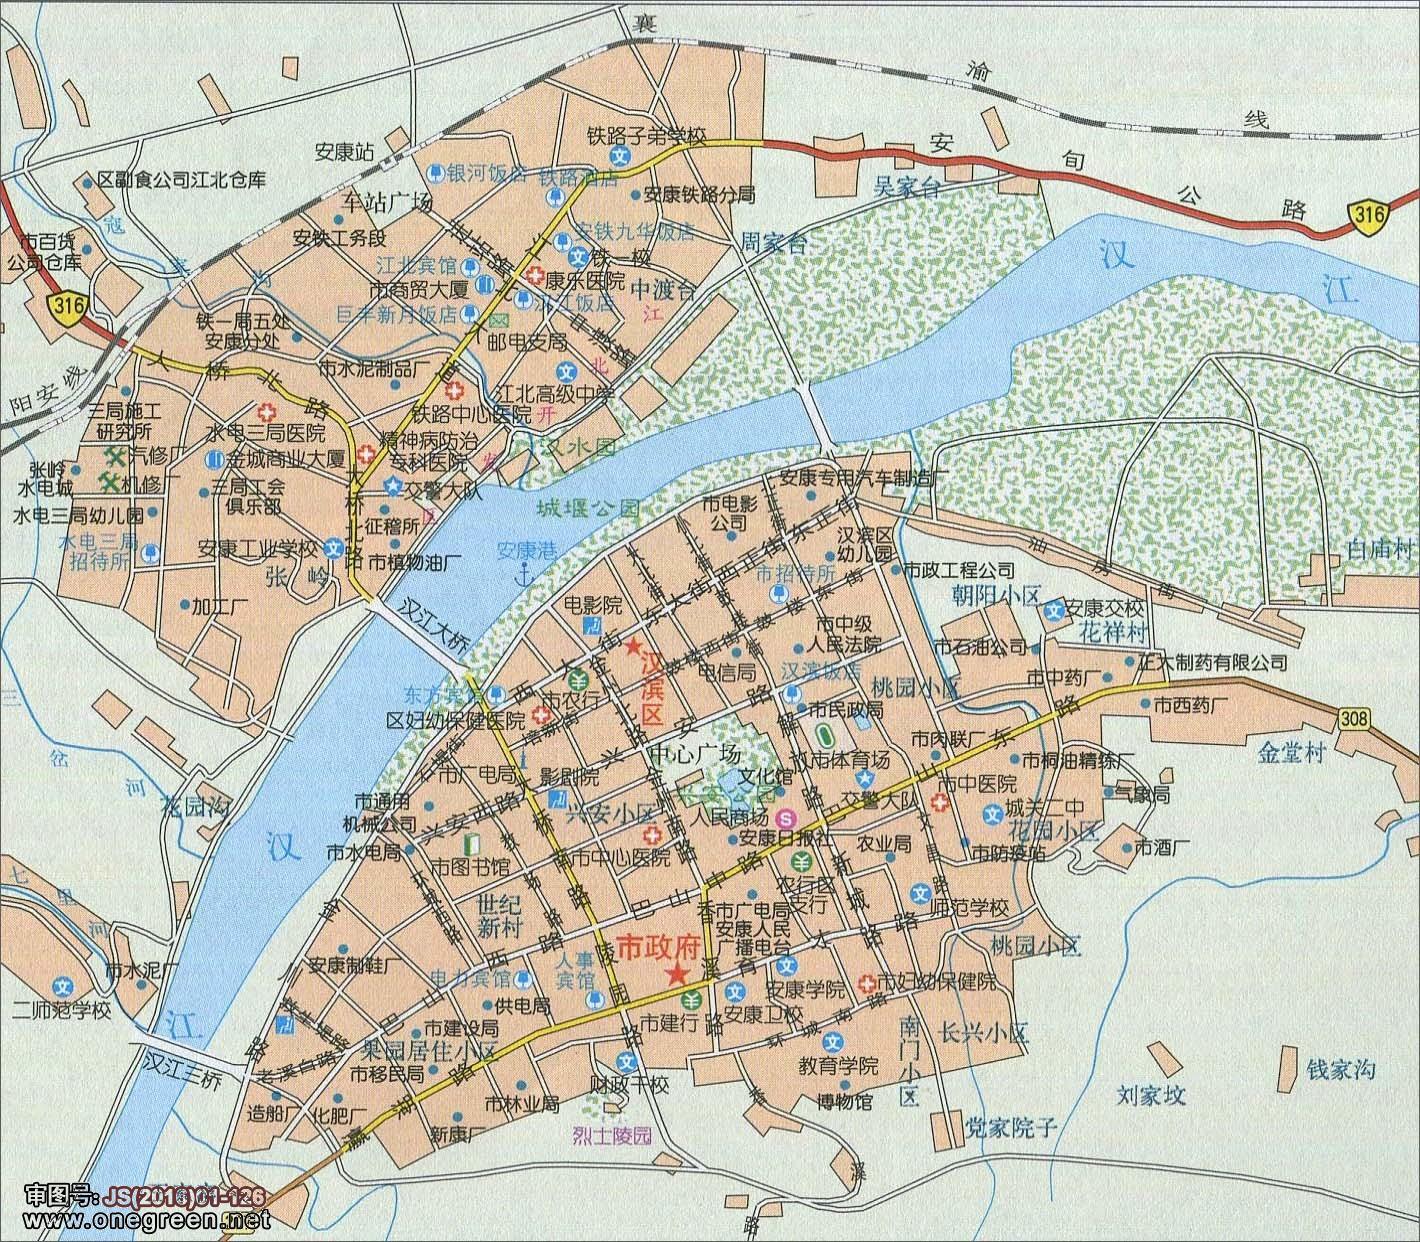 铜川市新区地图高清